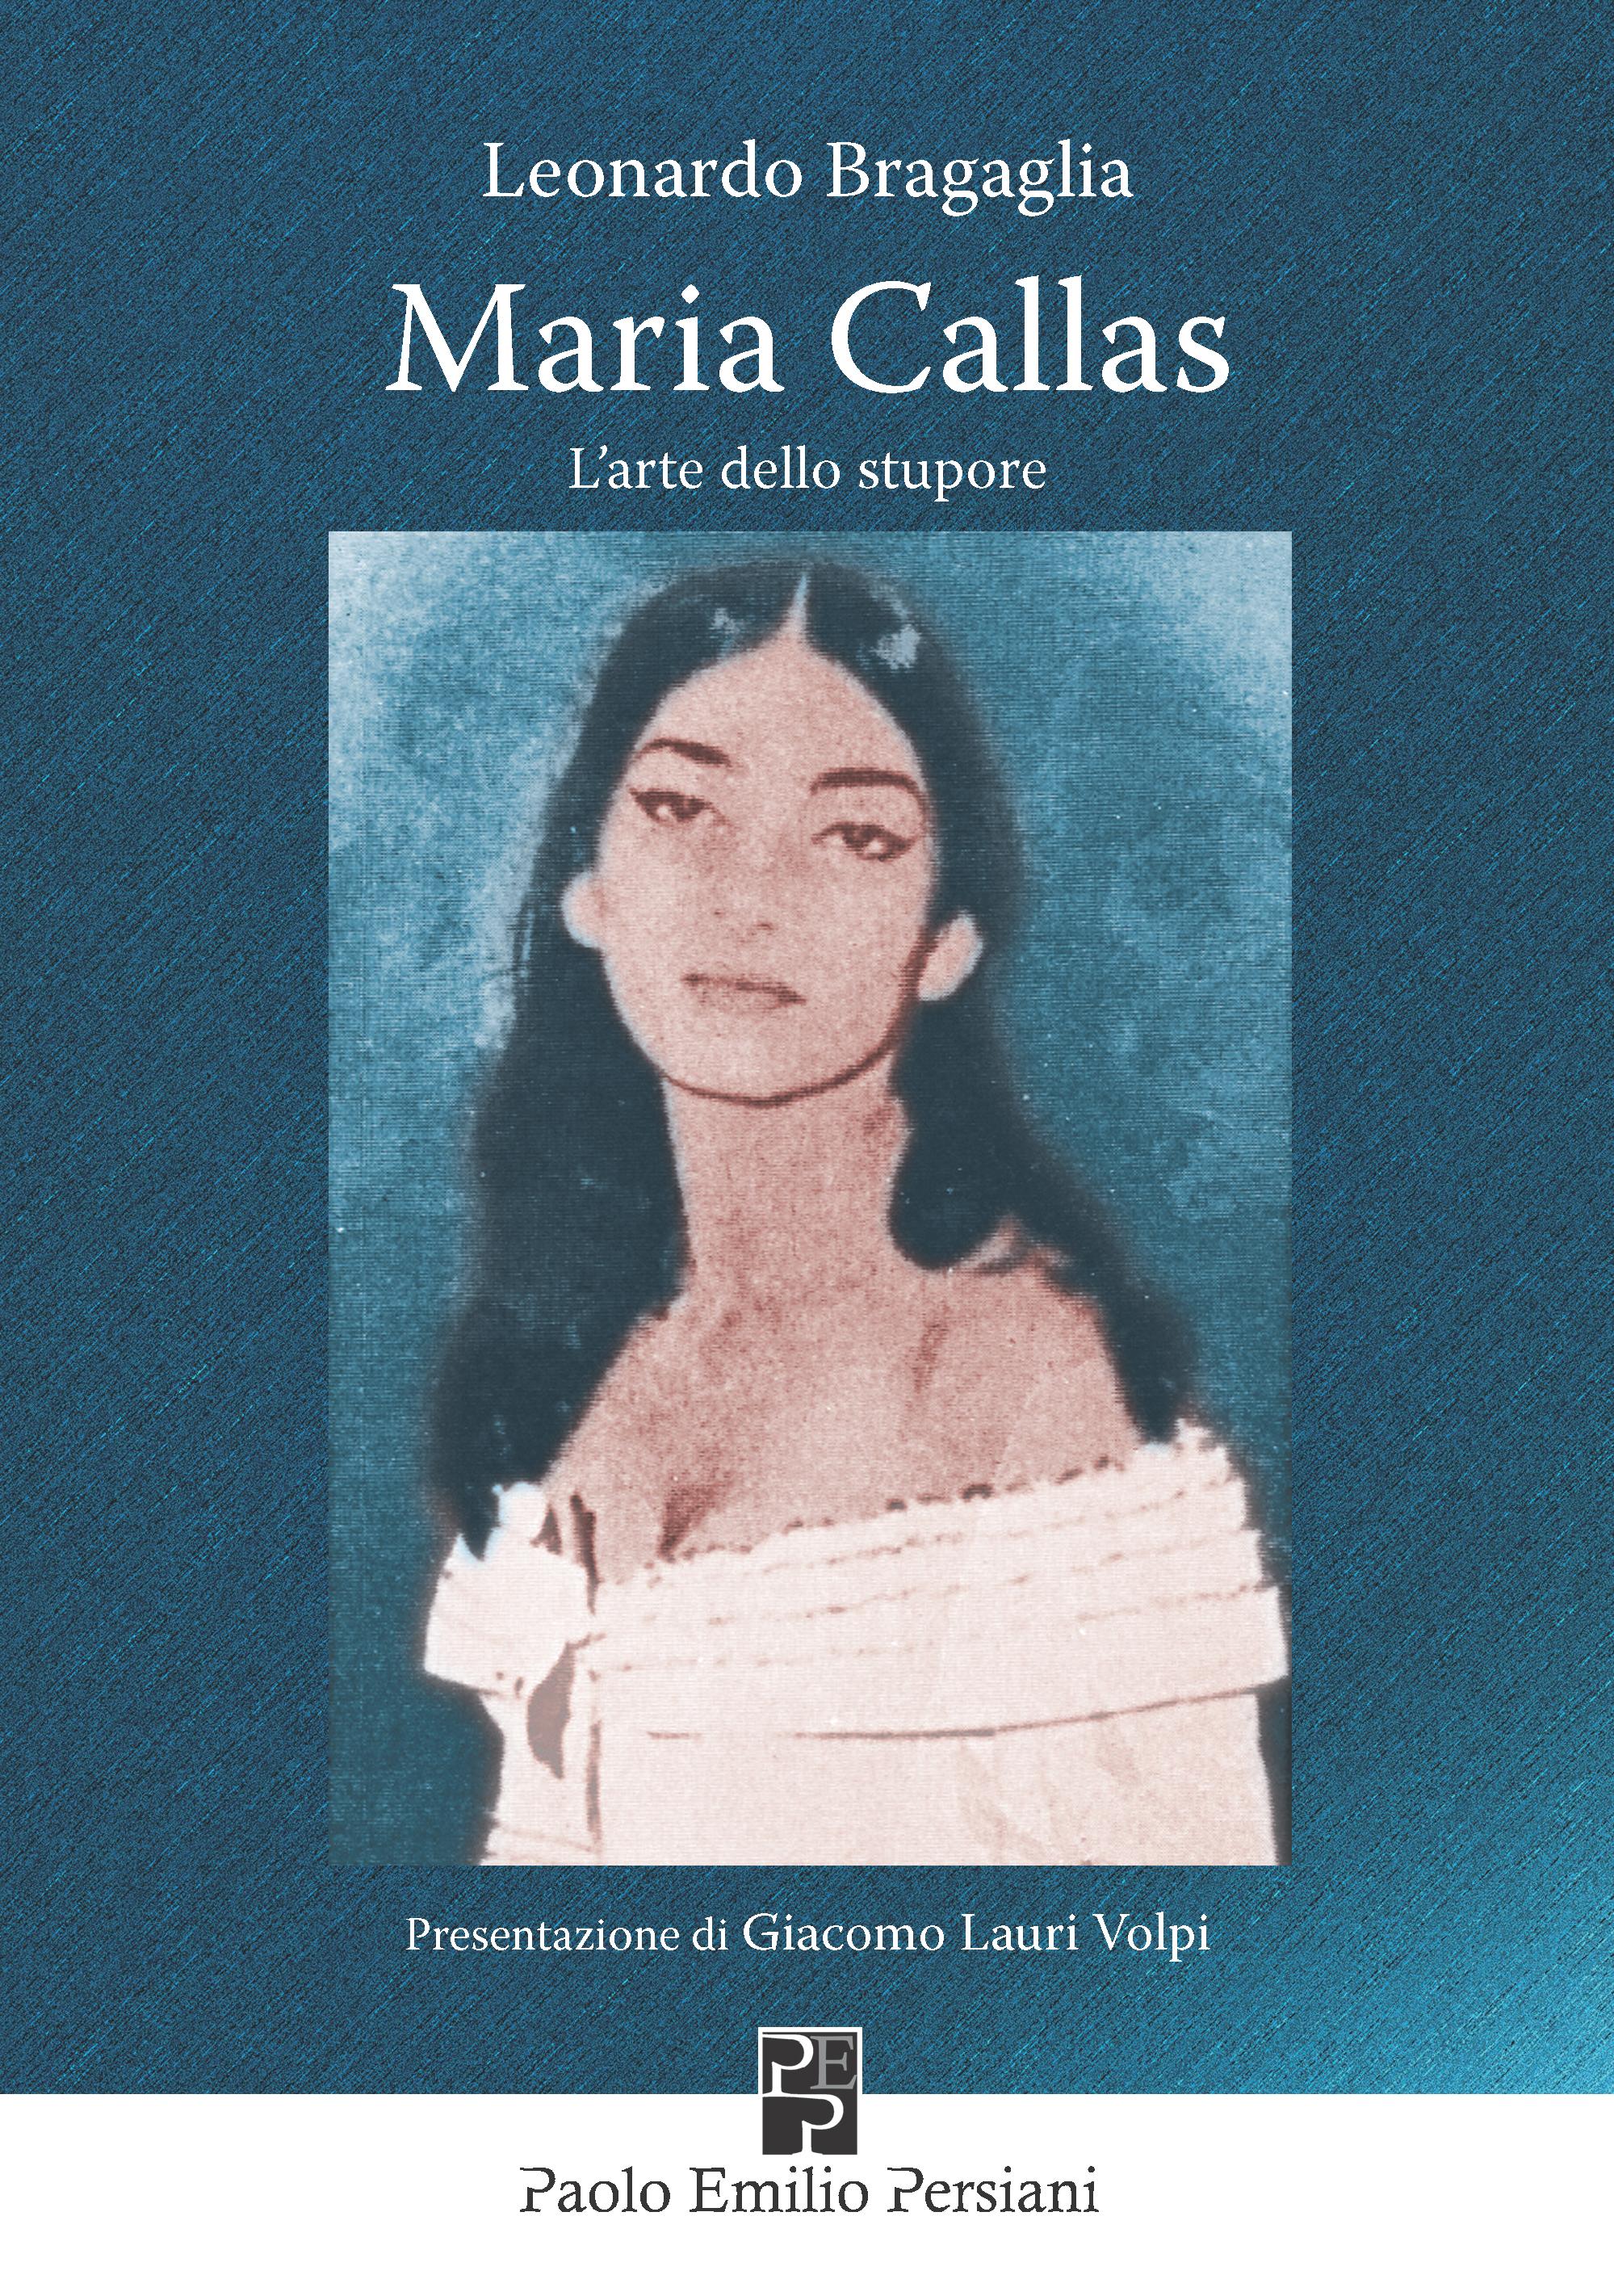 Maria Callas libro